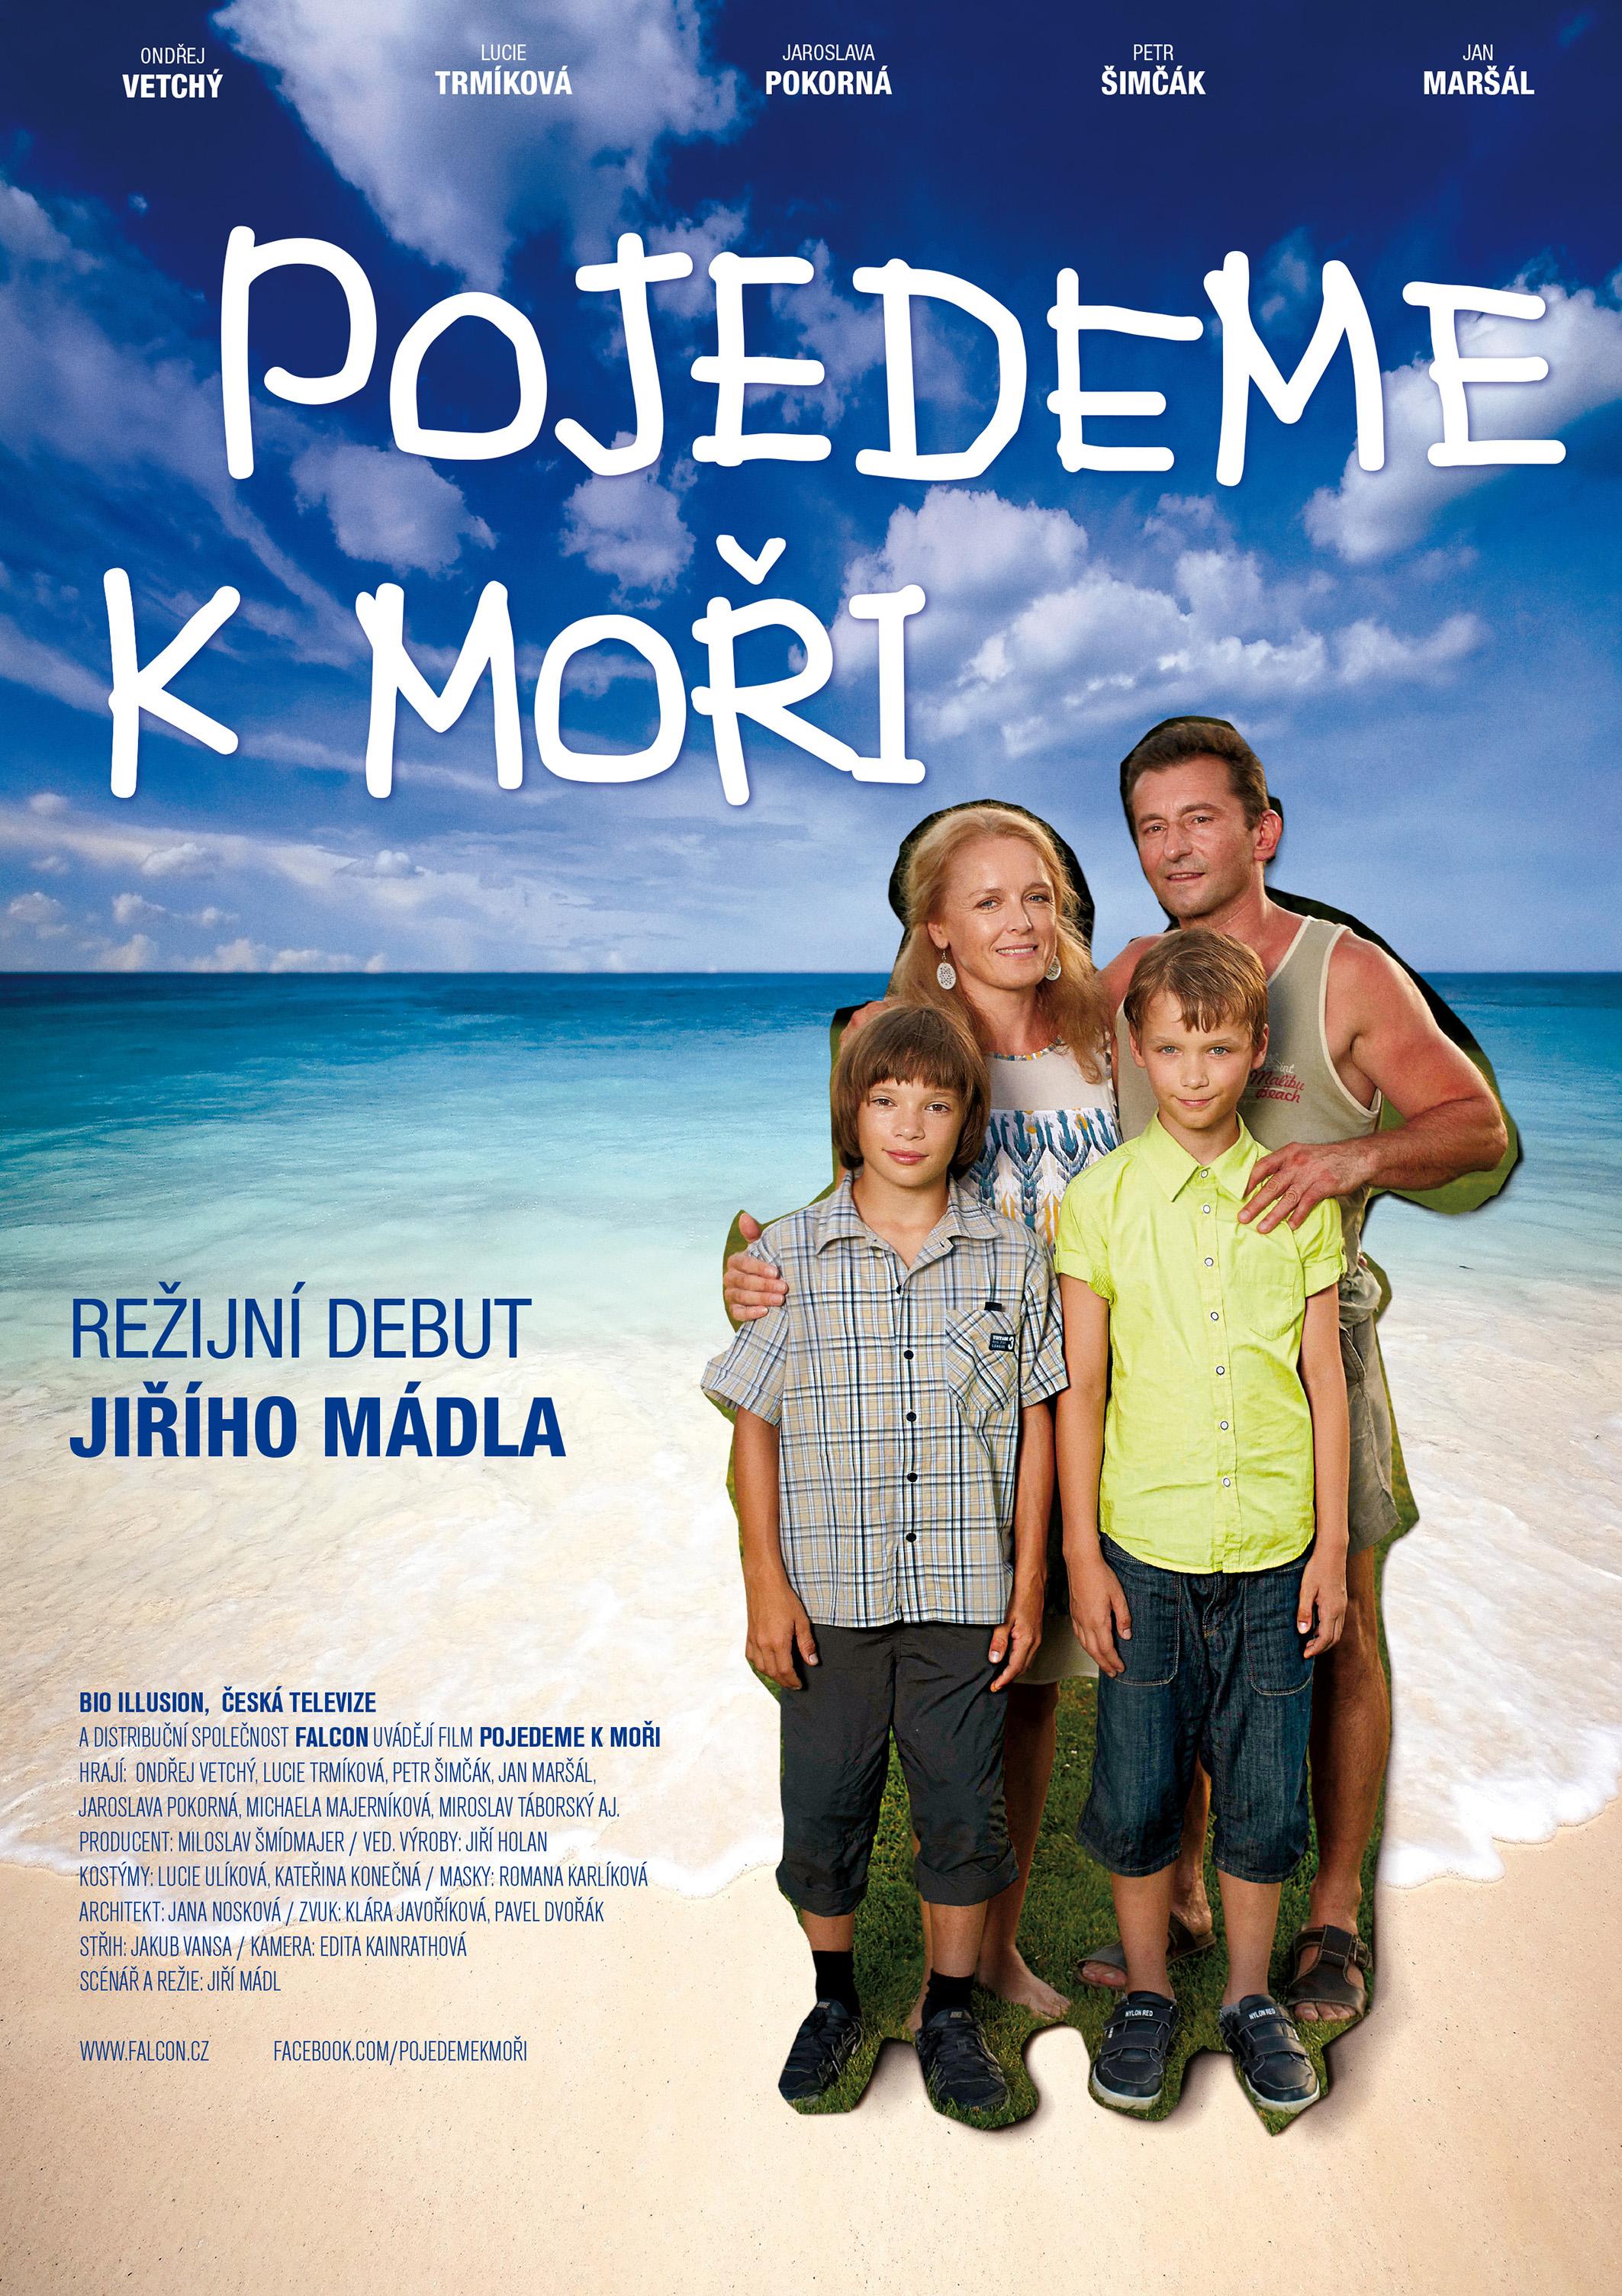 ზღვასთან გამგზავრება - Pojedeme k mori (2014)